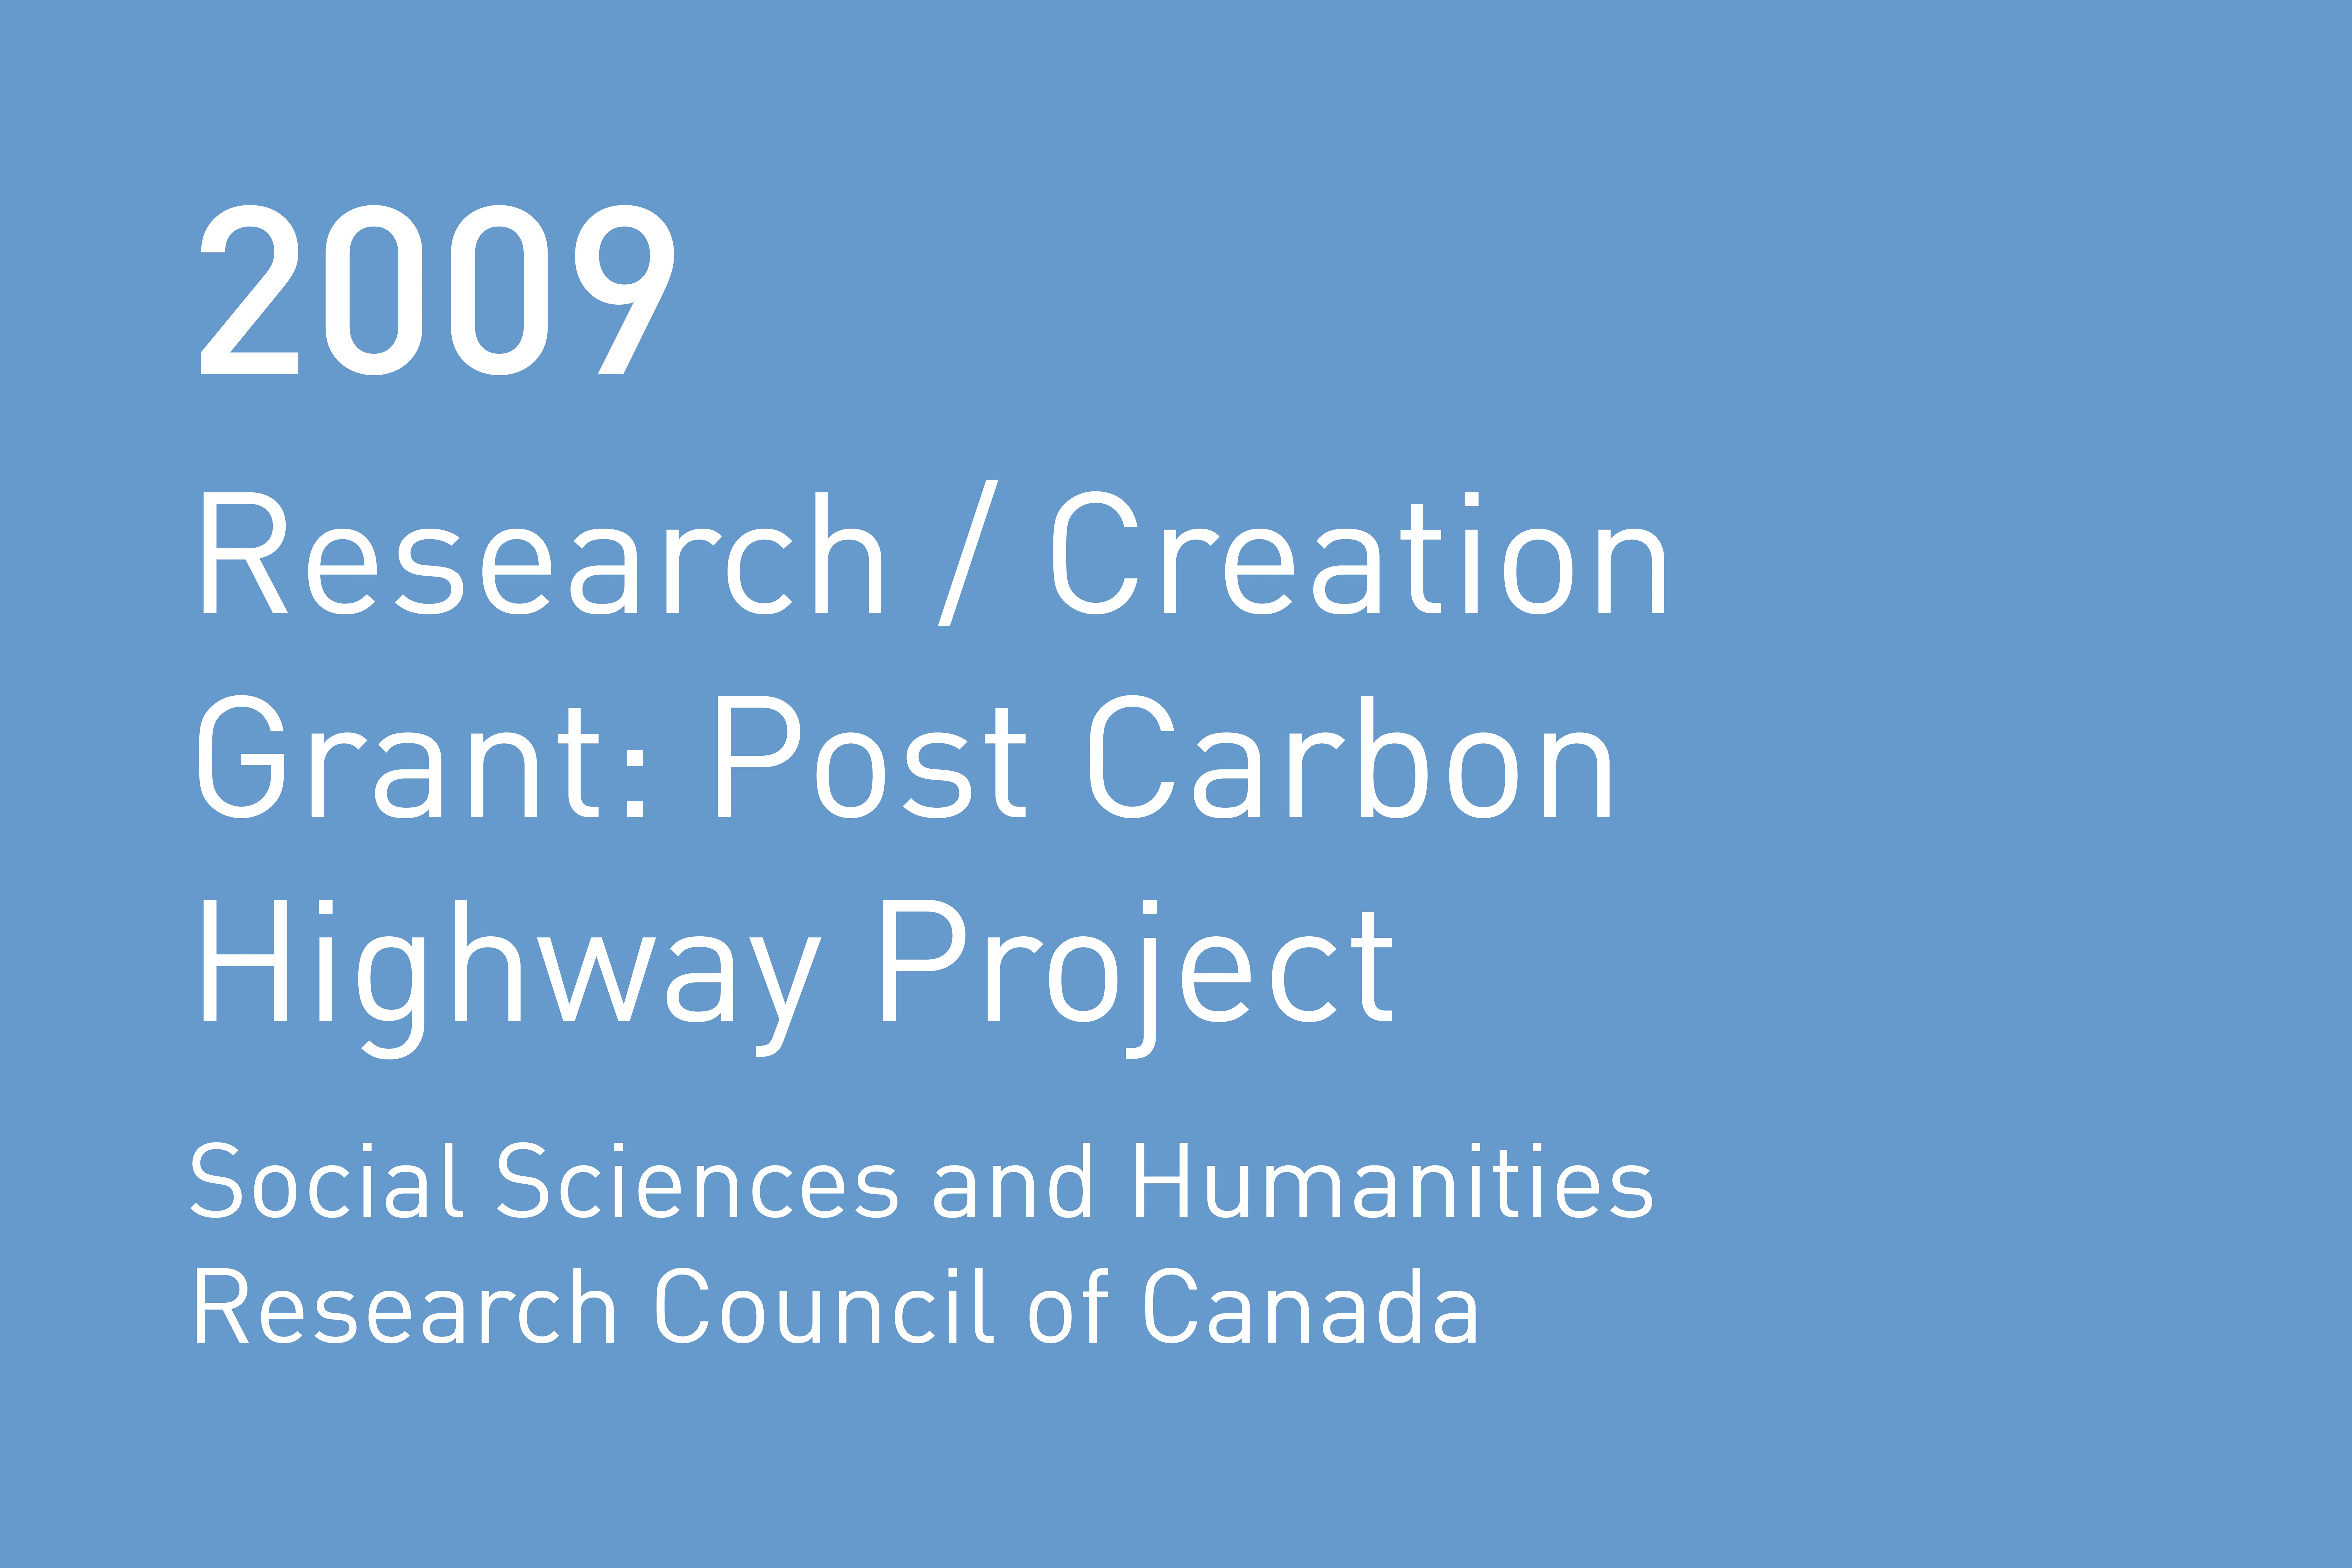 Rvtr 2009 research creation grant